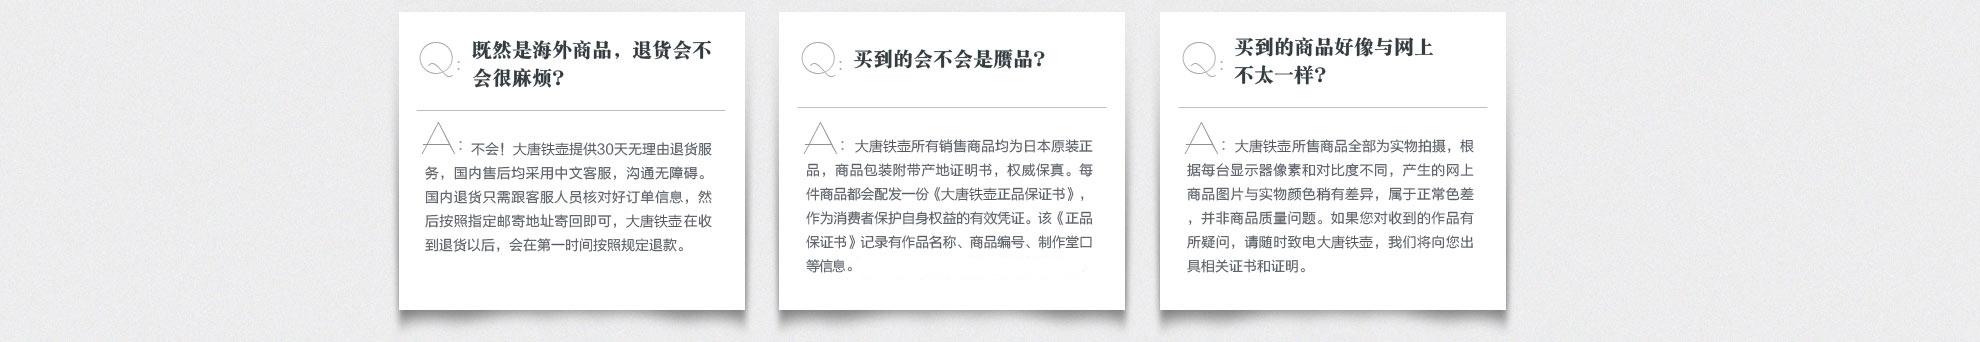 changjianwenti_zhengpin.jpg